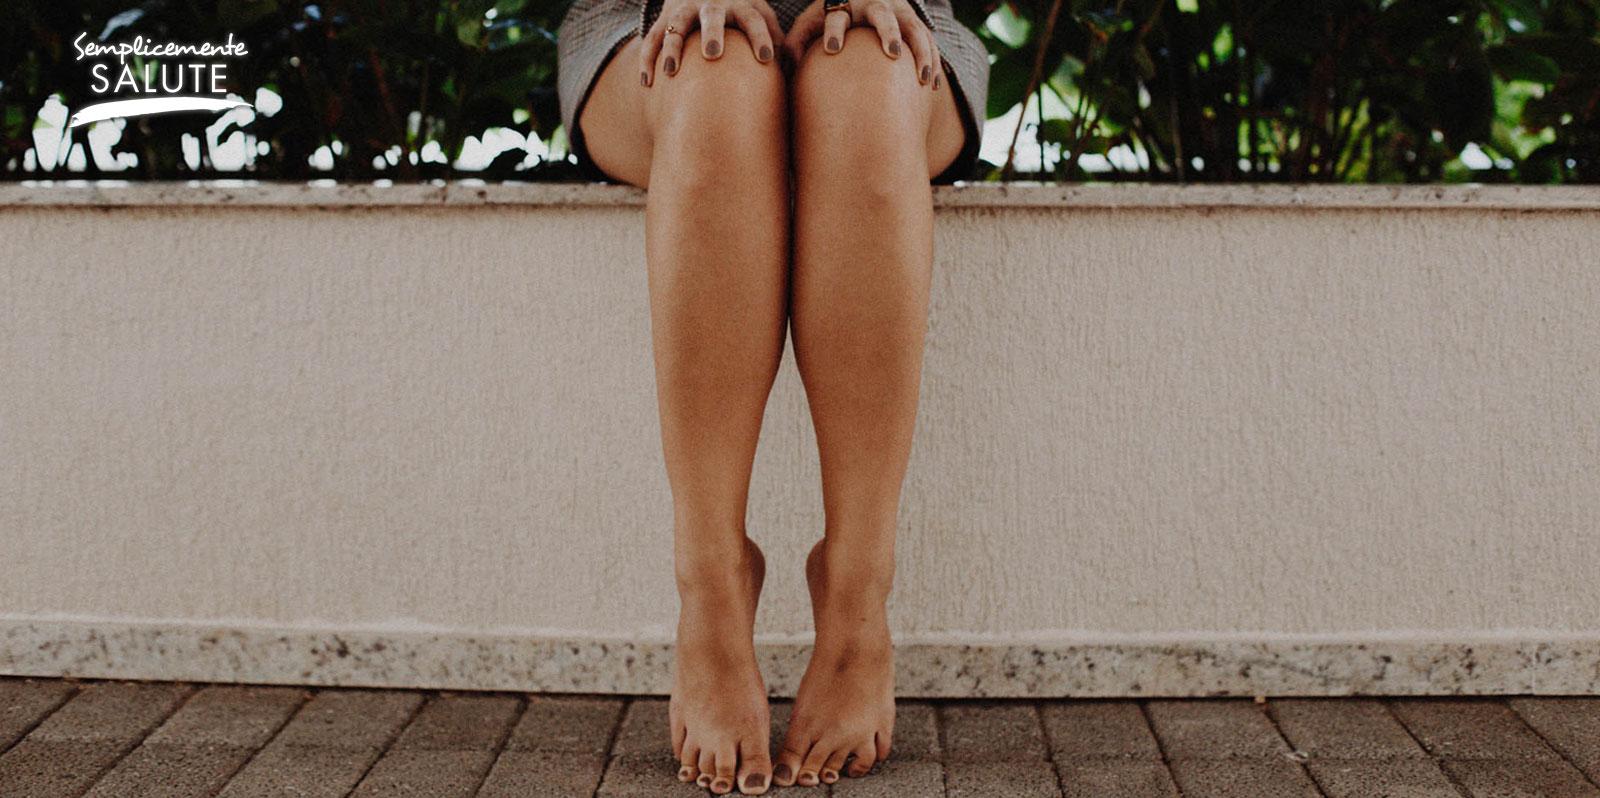 qualche-consiglio-su-come-contrastare-gambe-pesanti-e-ritenzione-idrica